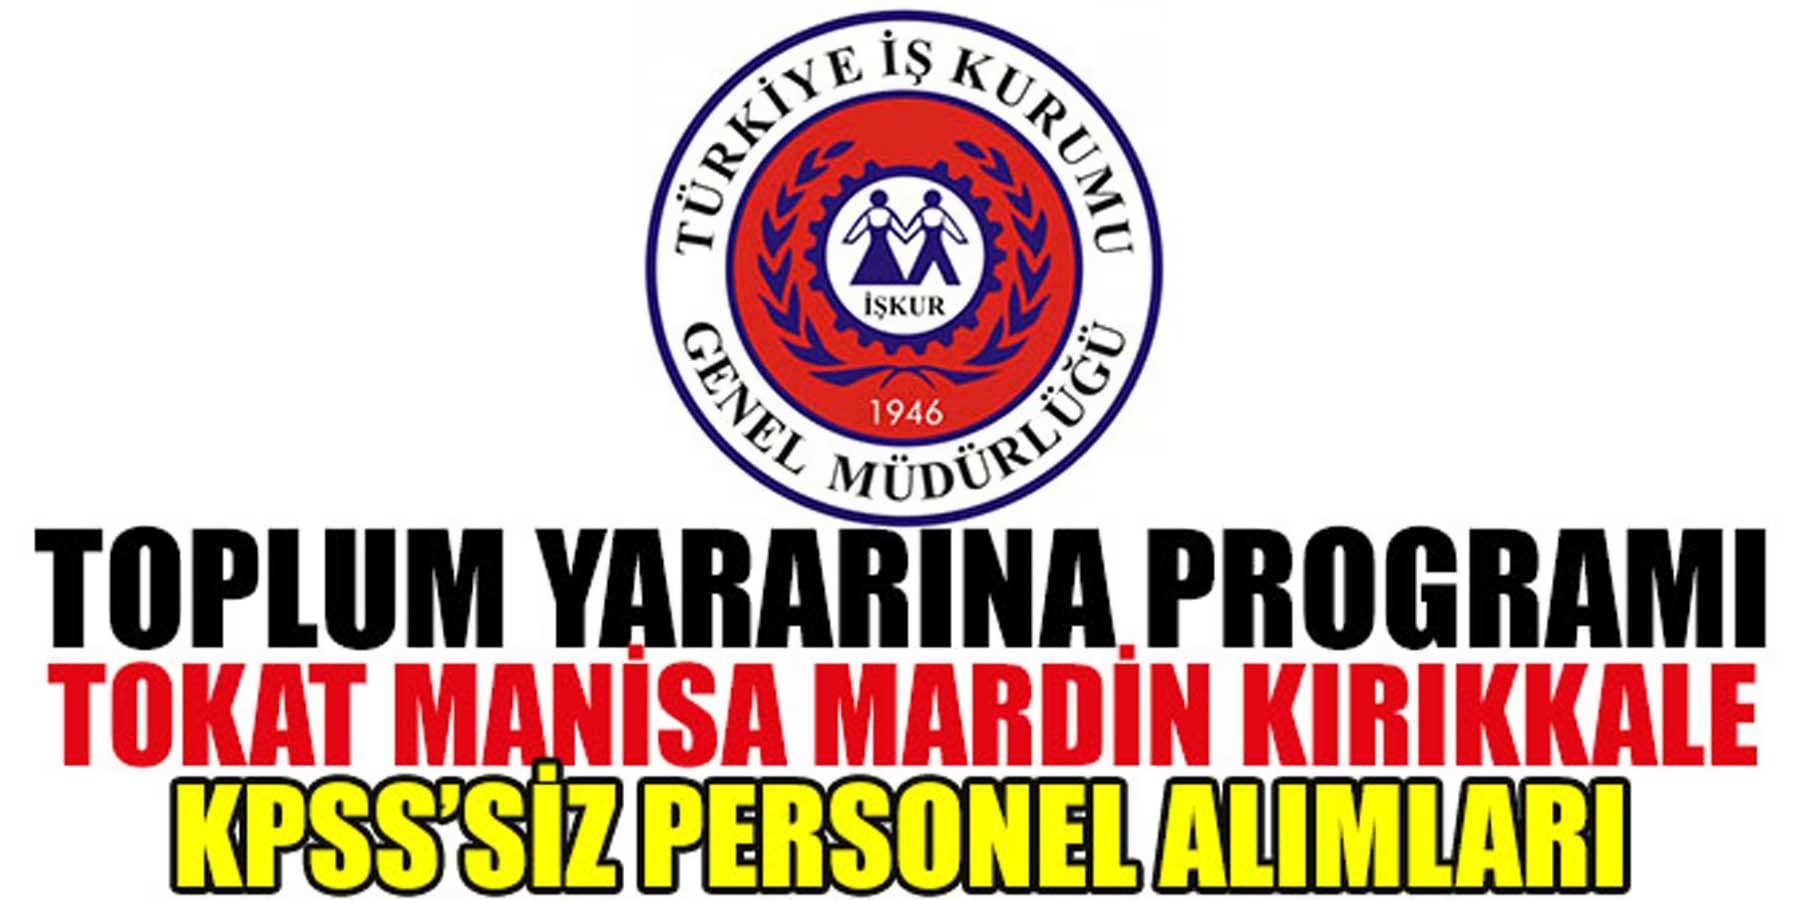 İŞKUR TYP KPSS'SİZ Manisa Tokat Kırıkkale Mardin Personel Alımı